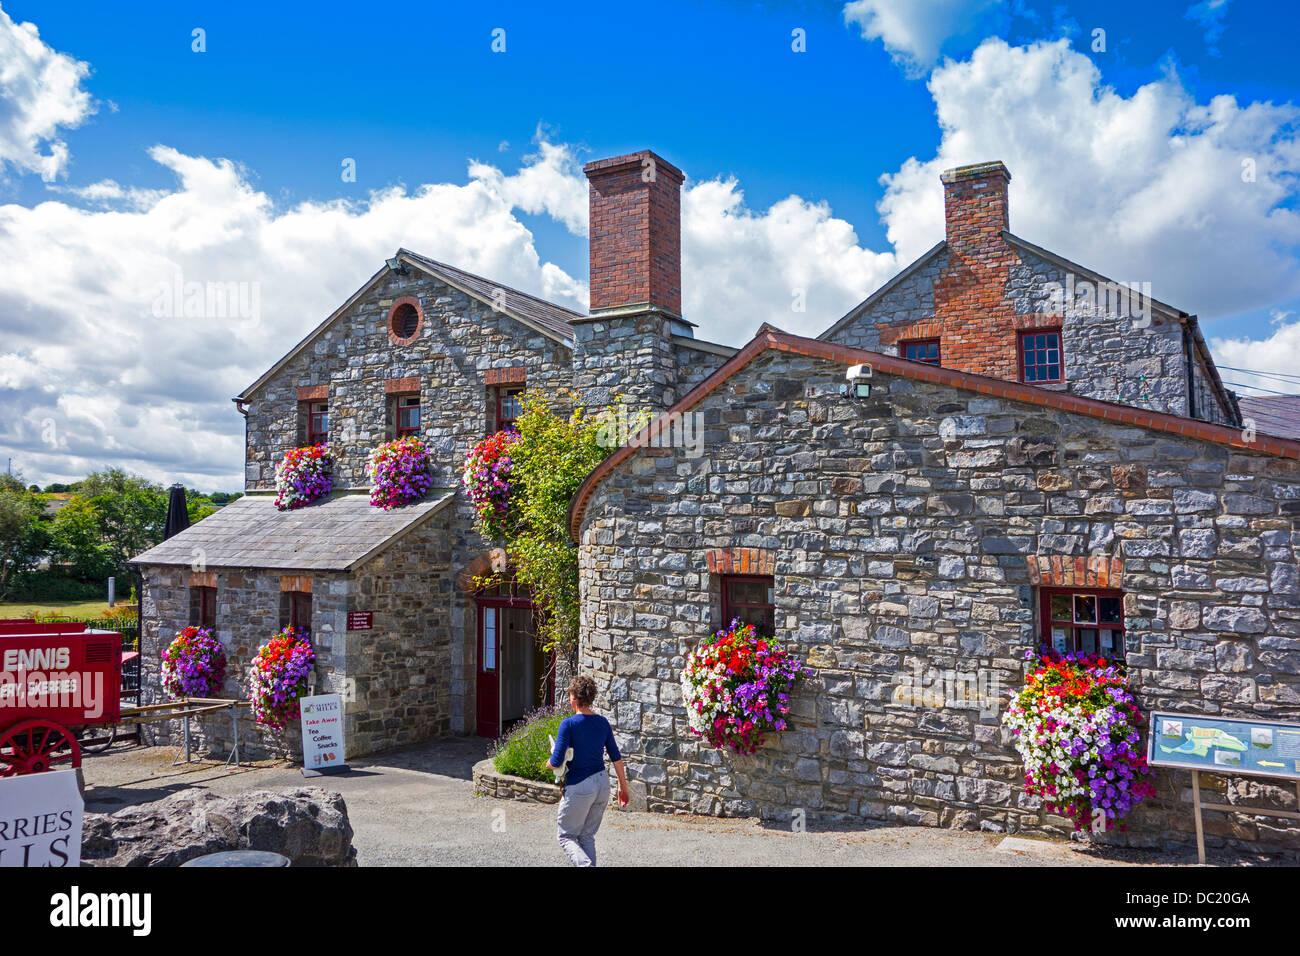 Skerries Mills Museum, County Dublin, Irland - restaurierten alten Mühle und Bäckerei Stockbild